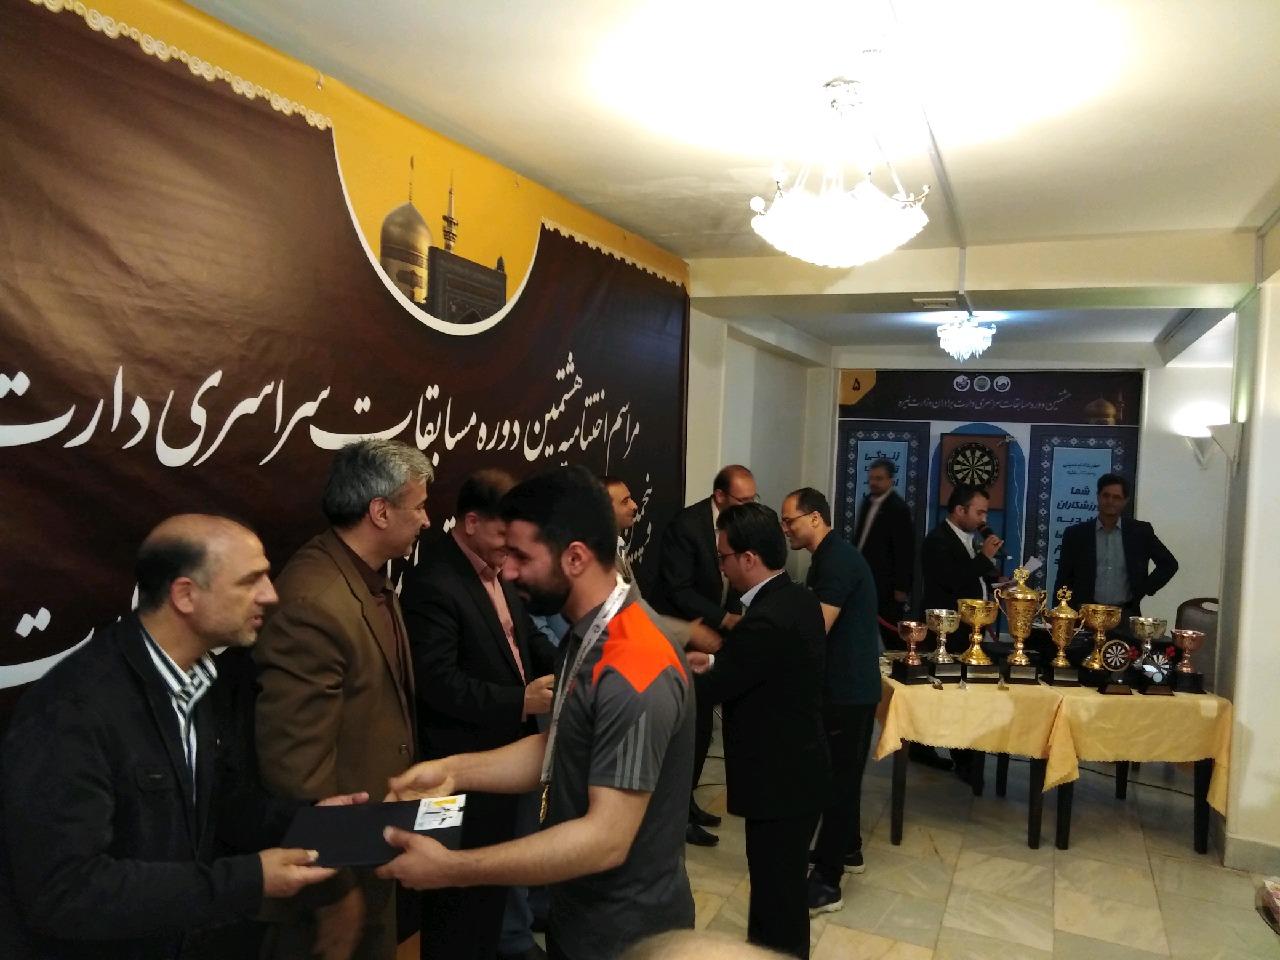 پایان مسابقات دارت و تیراندازی وزارت نیرو در مشهد